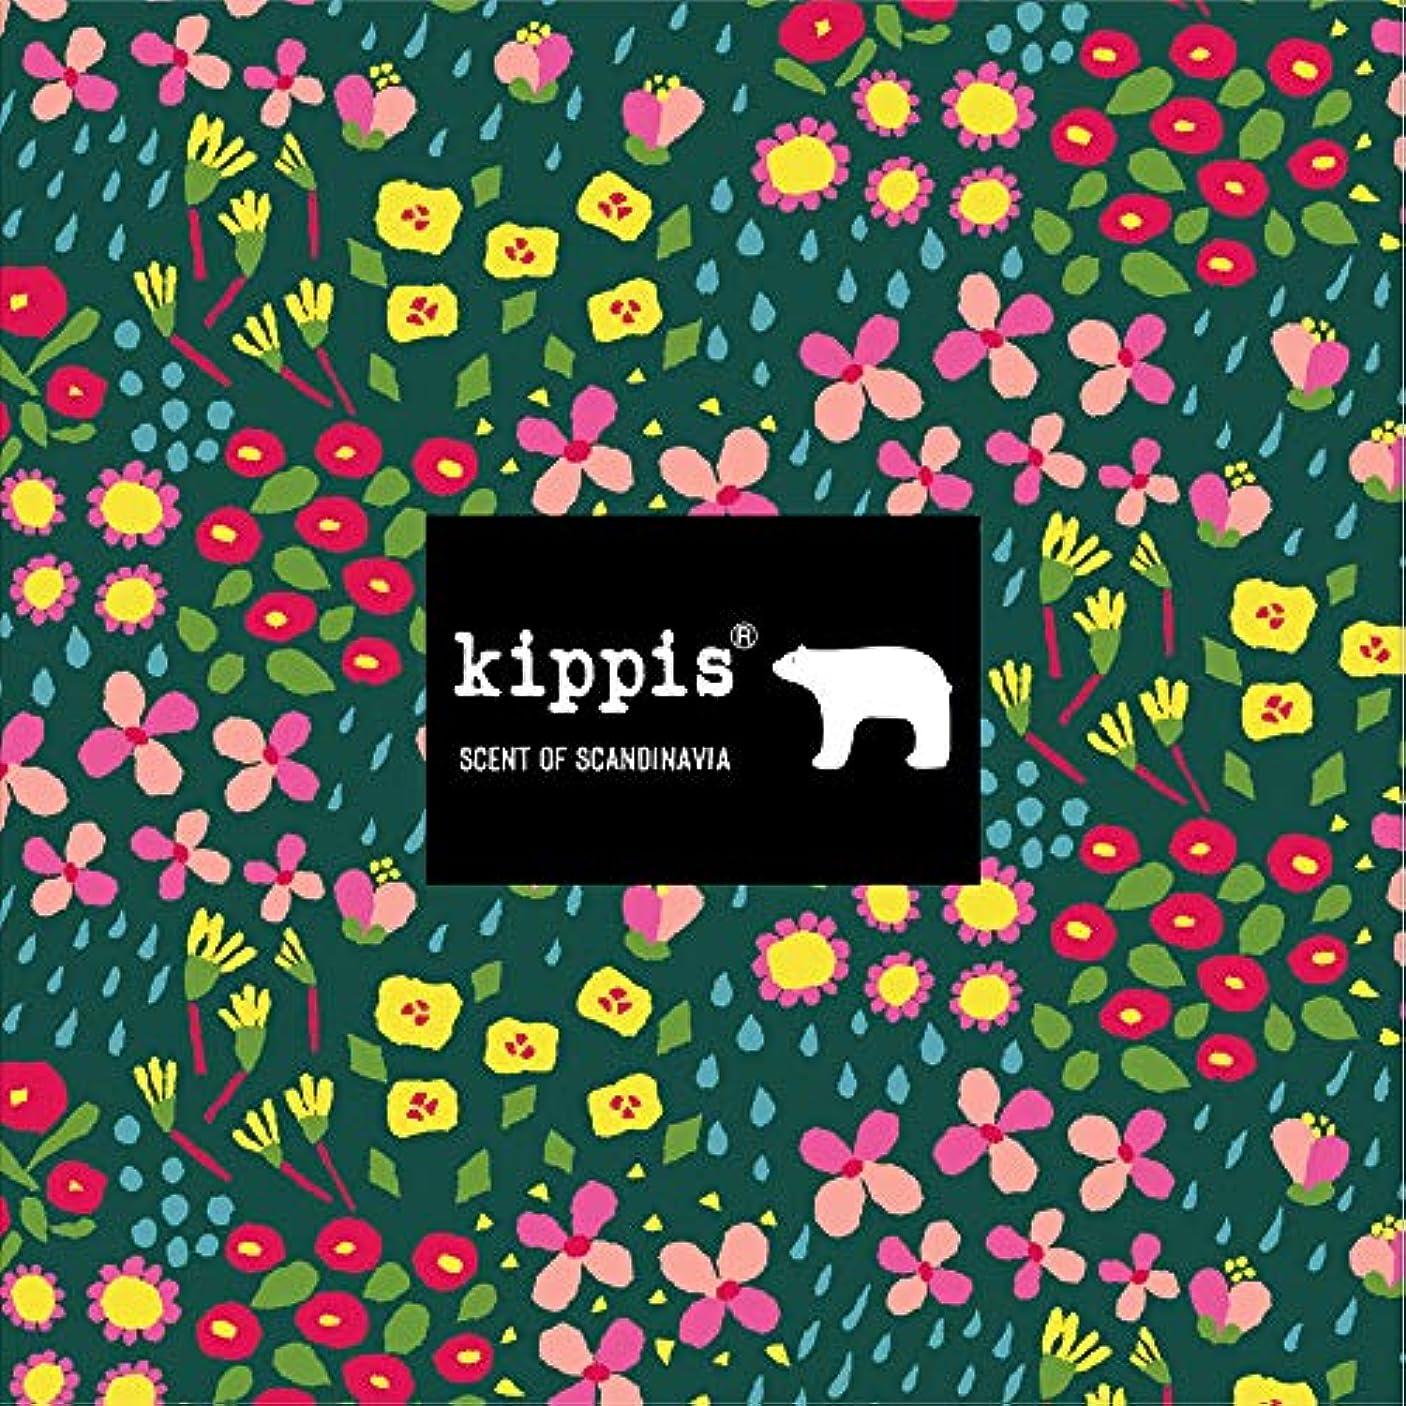 ジャンピングジャック蛾解説キッピス 髪と肌のトリートメントワックス(風香る森の花々の香り)40g